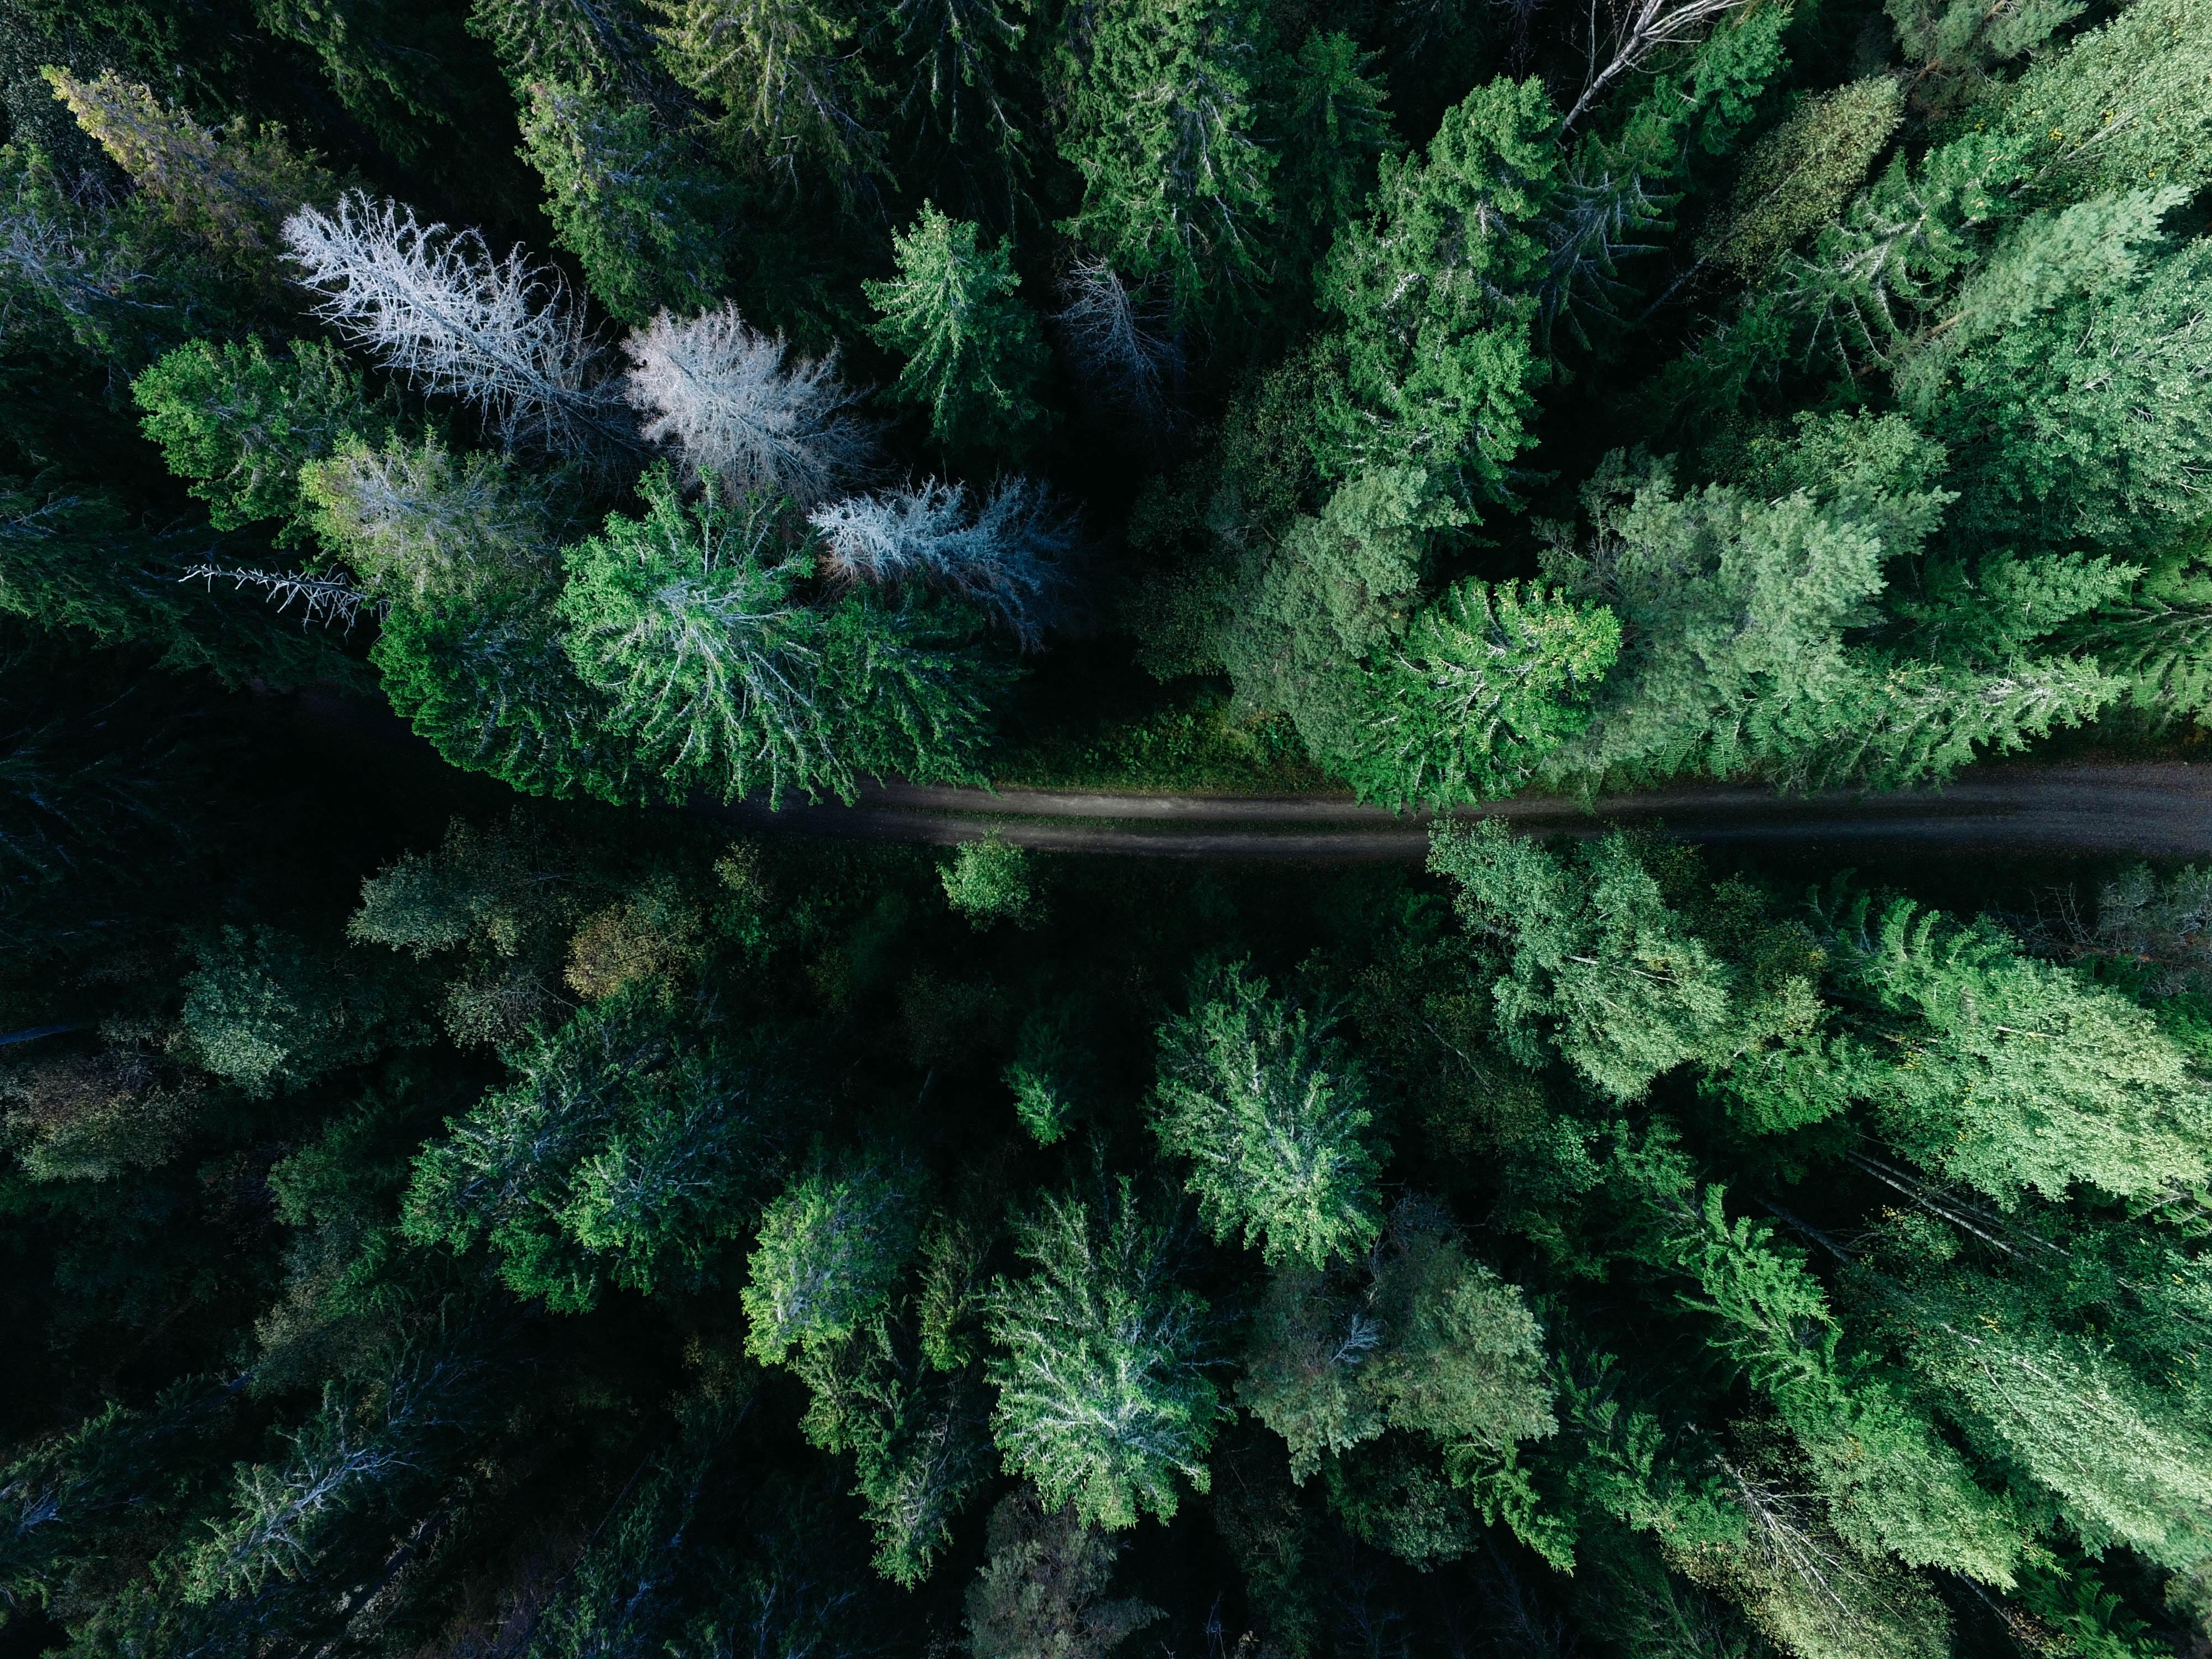 (Français) Déclarer la forêt amazonienne bien commun de l'humanité